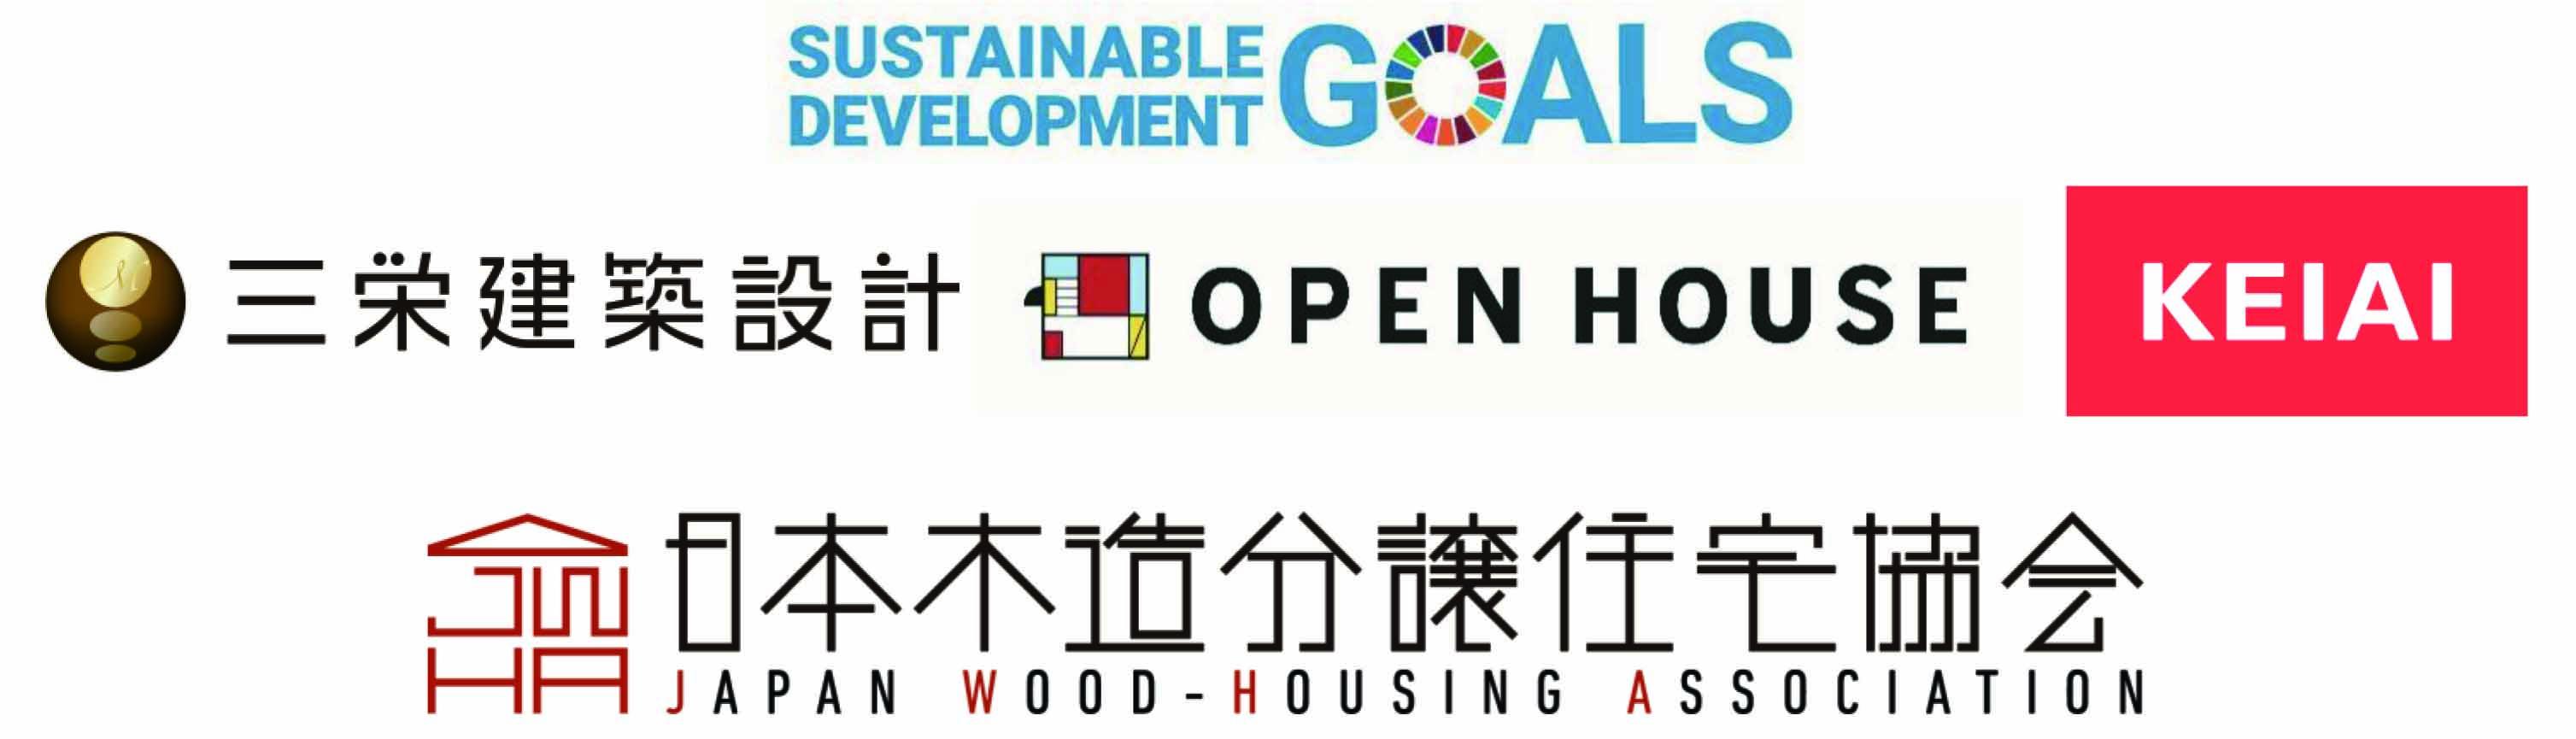 日本木造分譲住宅協会設立/「木造分譲住宅」で「脱炭素」を目指す